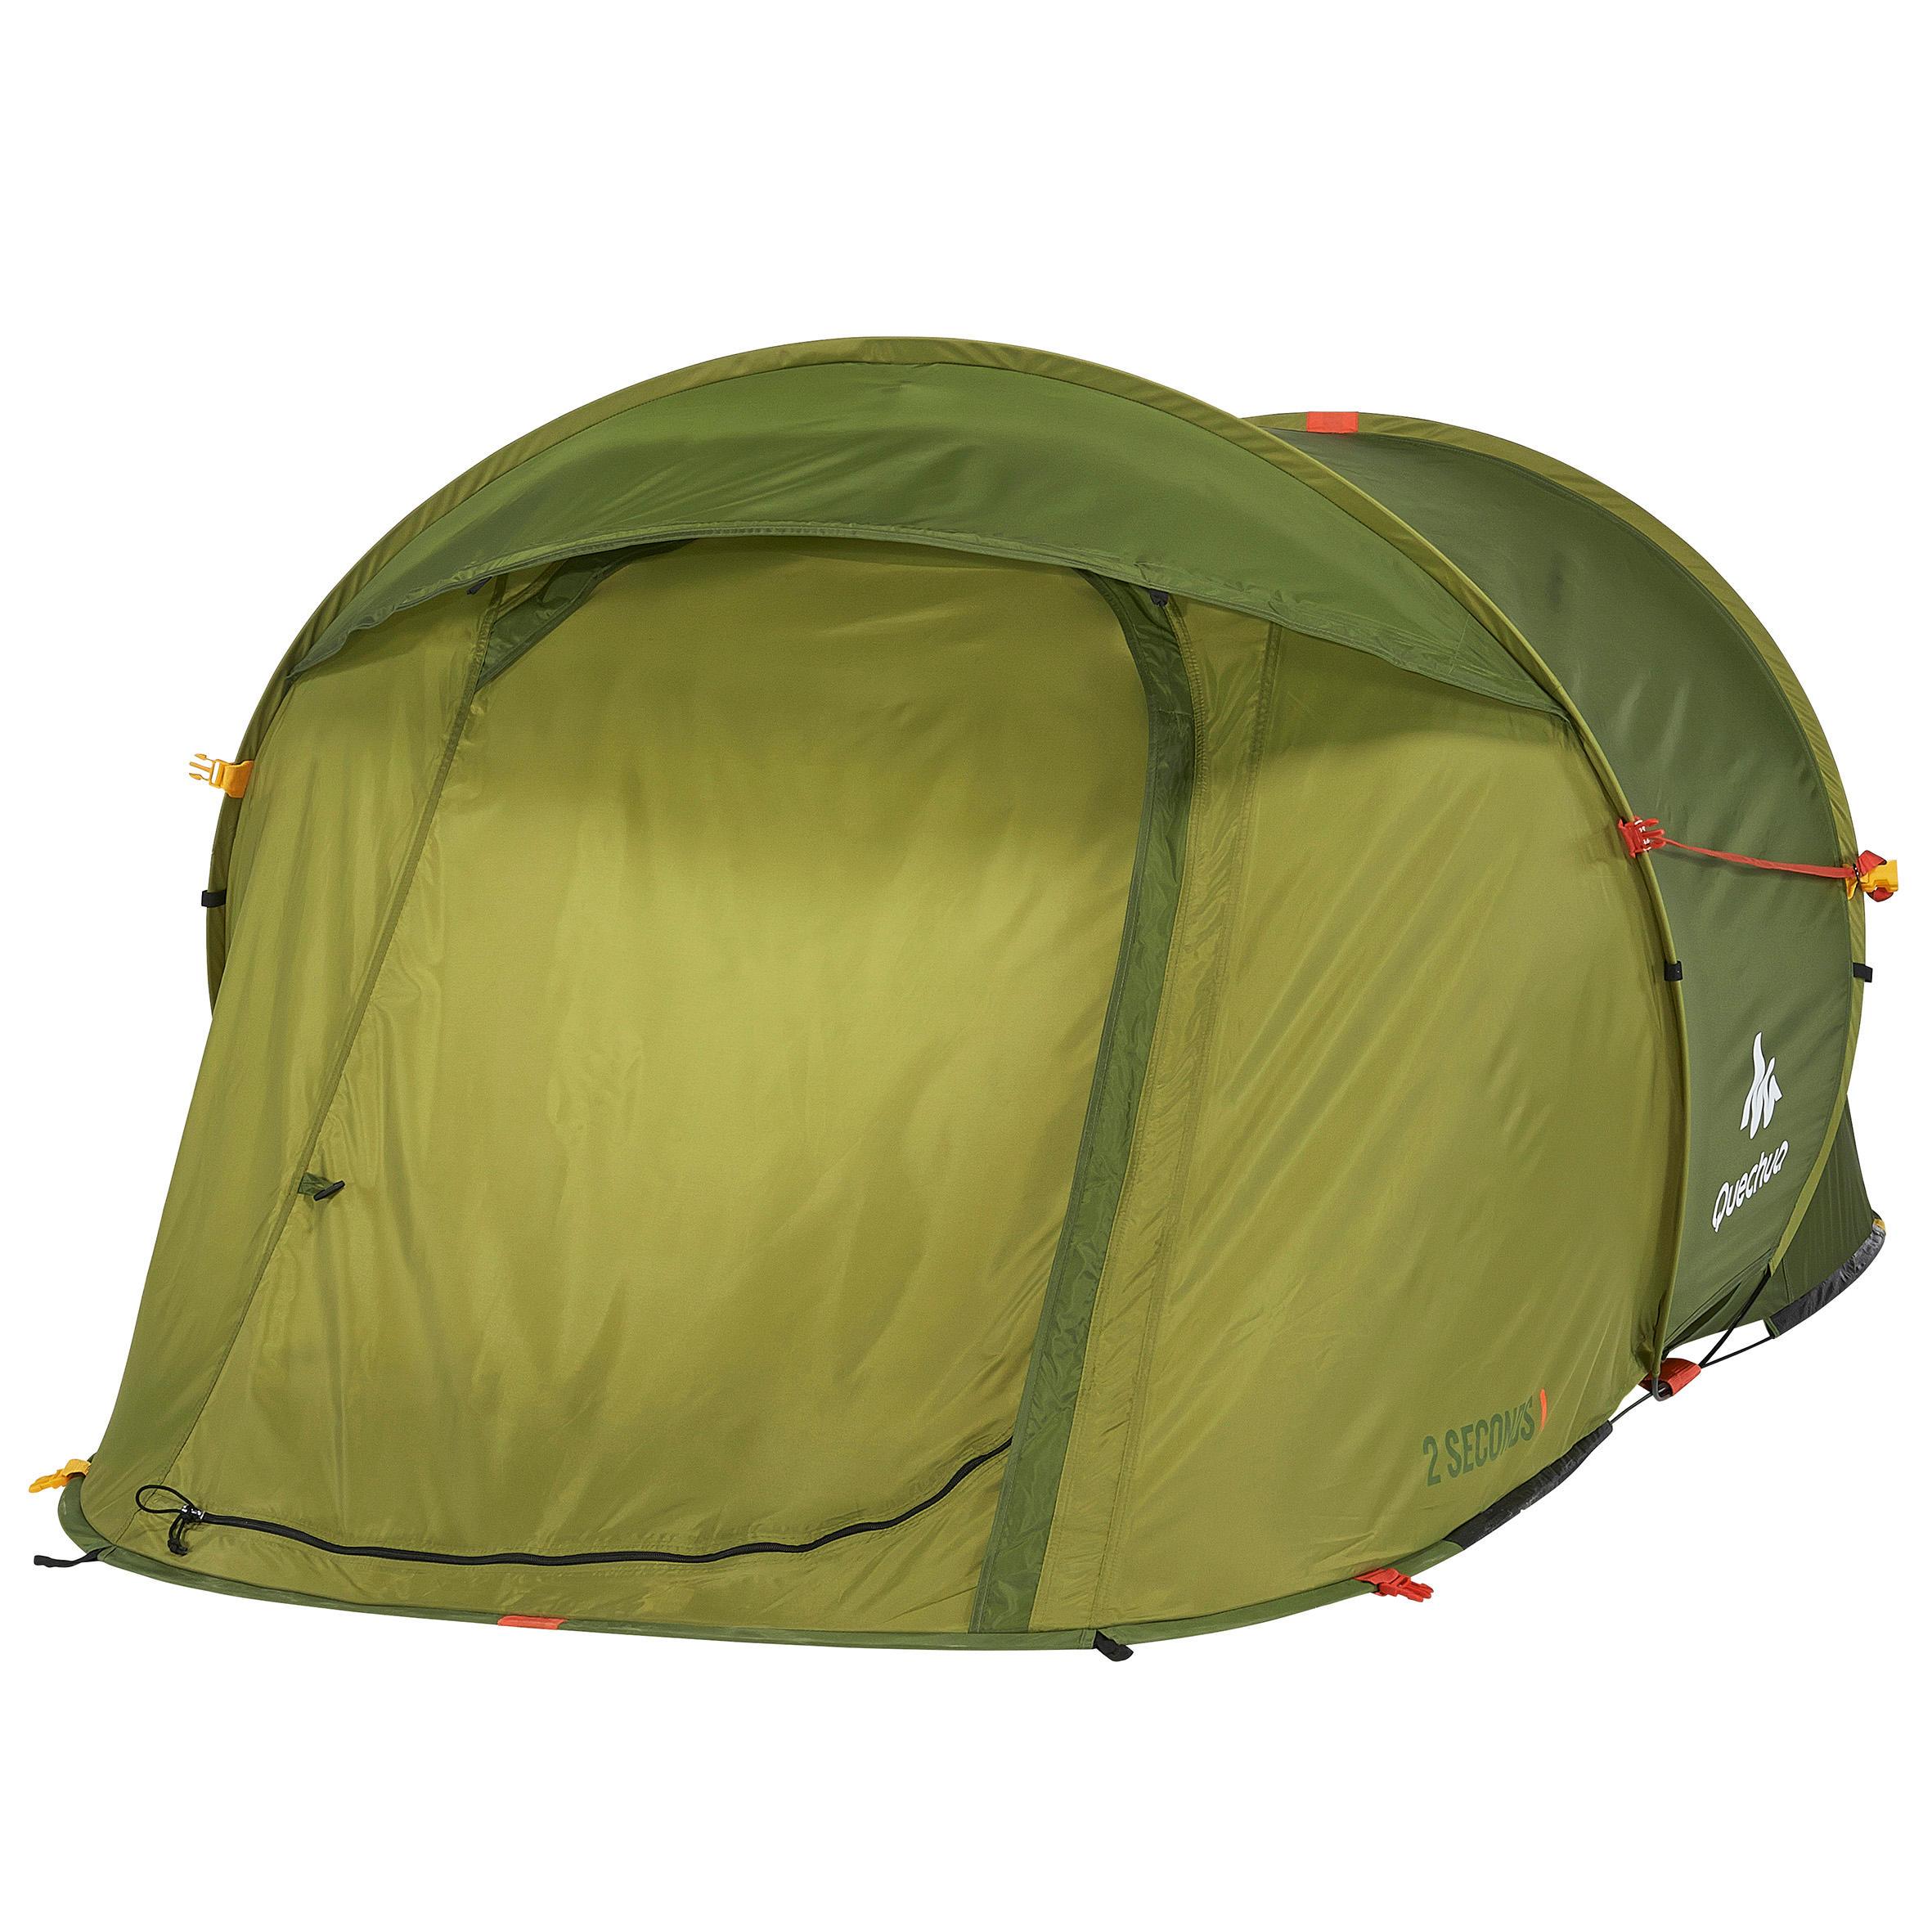 Quechua Buitentent voor de tent 2 Seconds 1 Easy